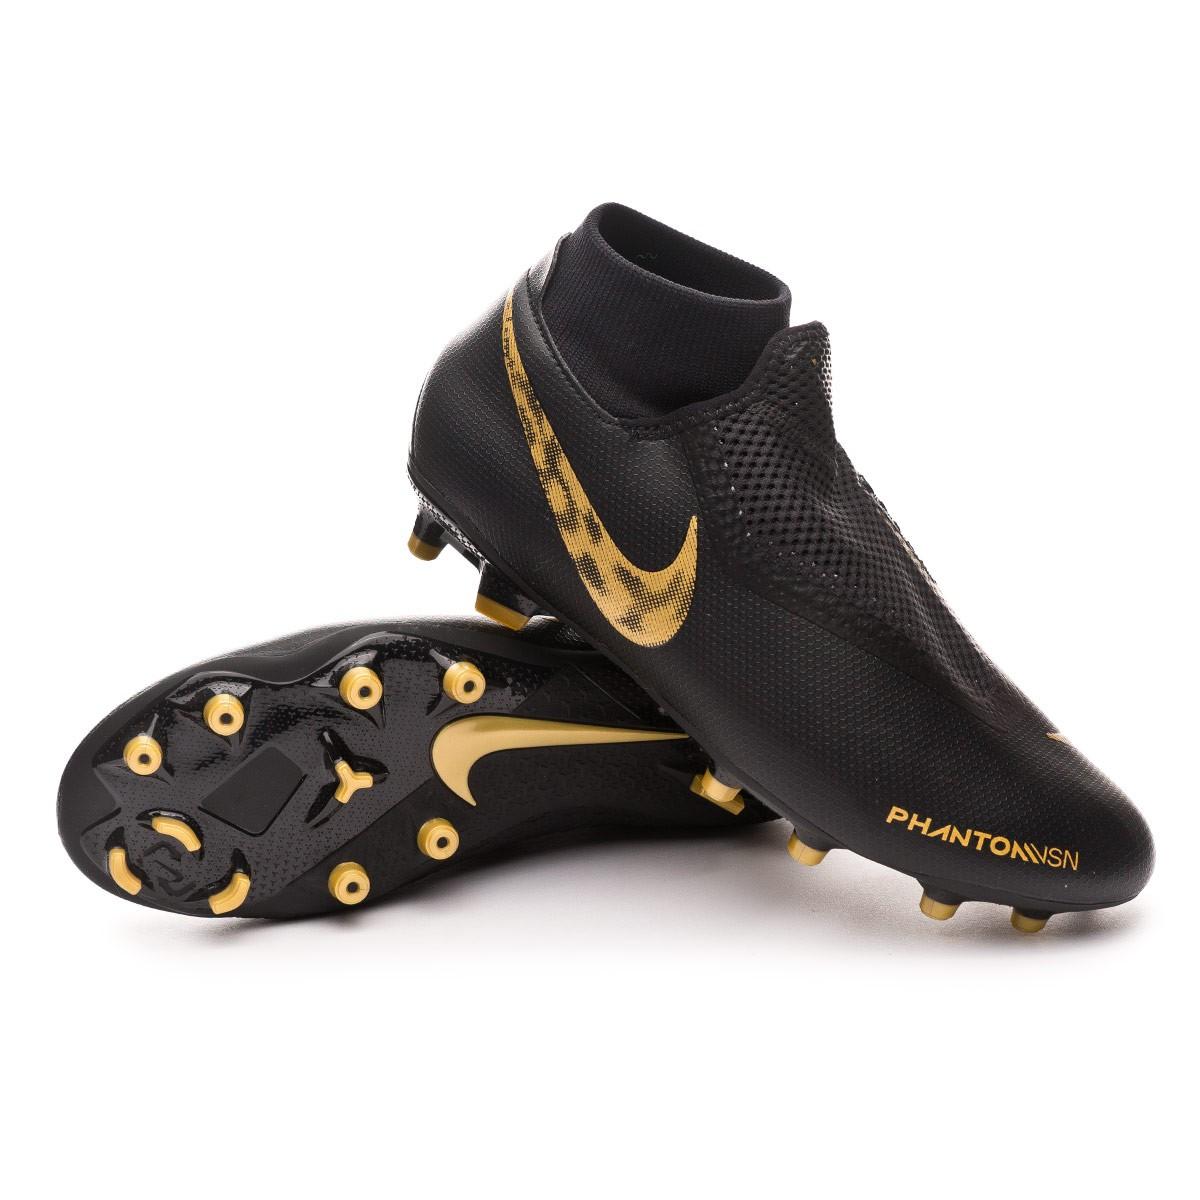 c3b9ca4c6bfaf Football Boots Nike Phantom Vision Academy DF FG MG Black-Metallic ...